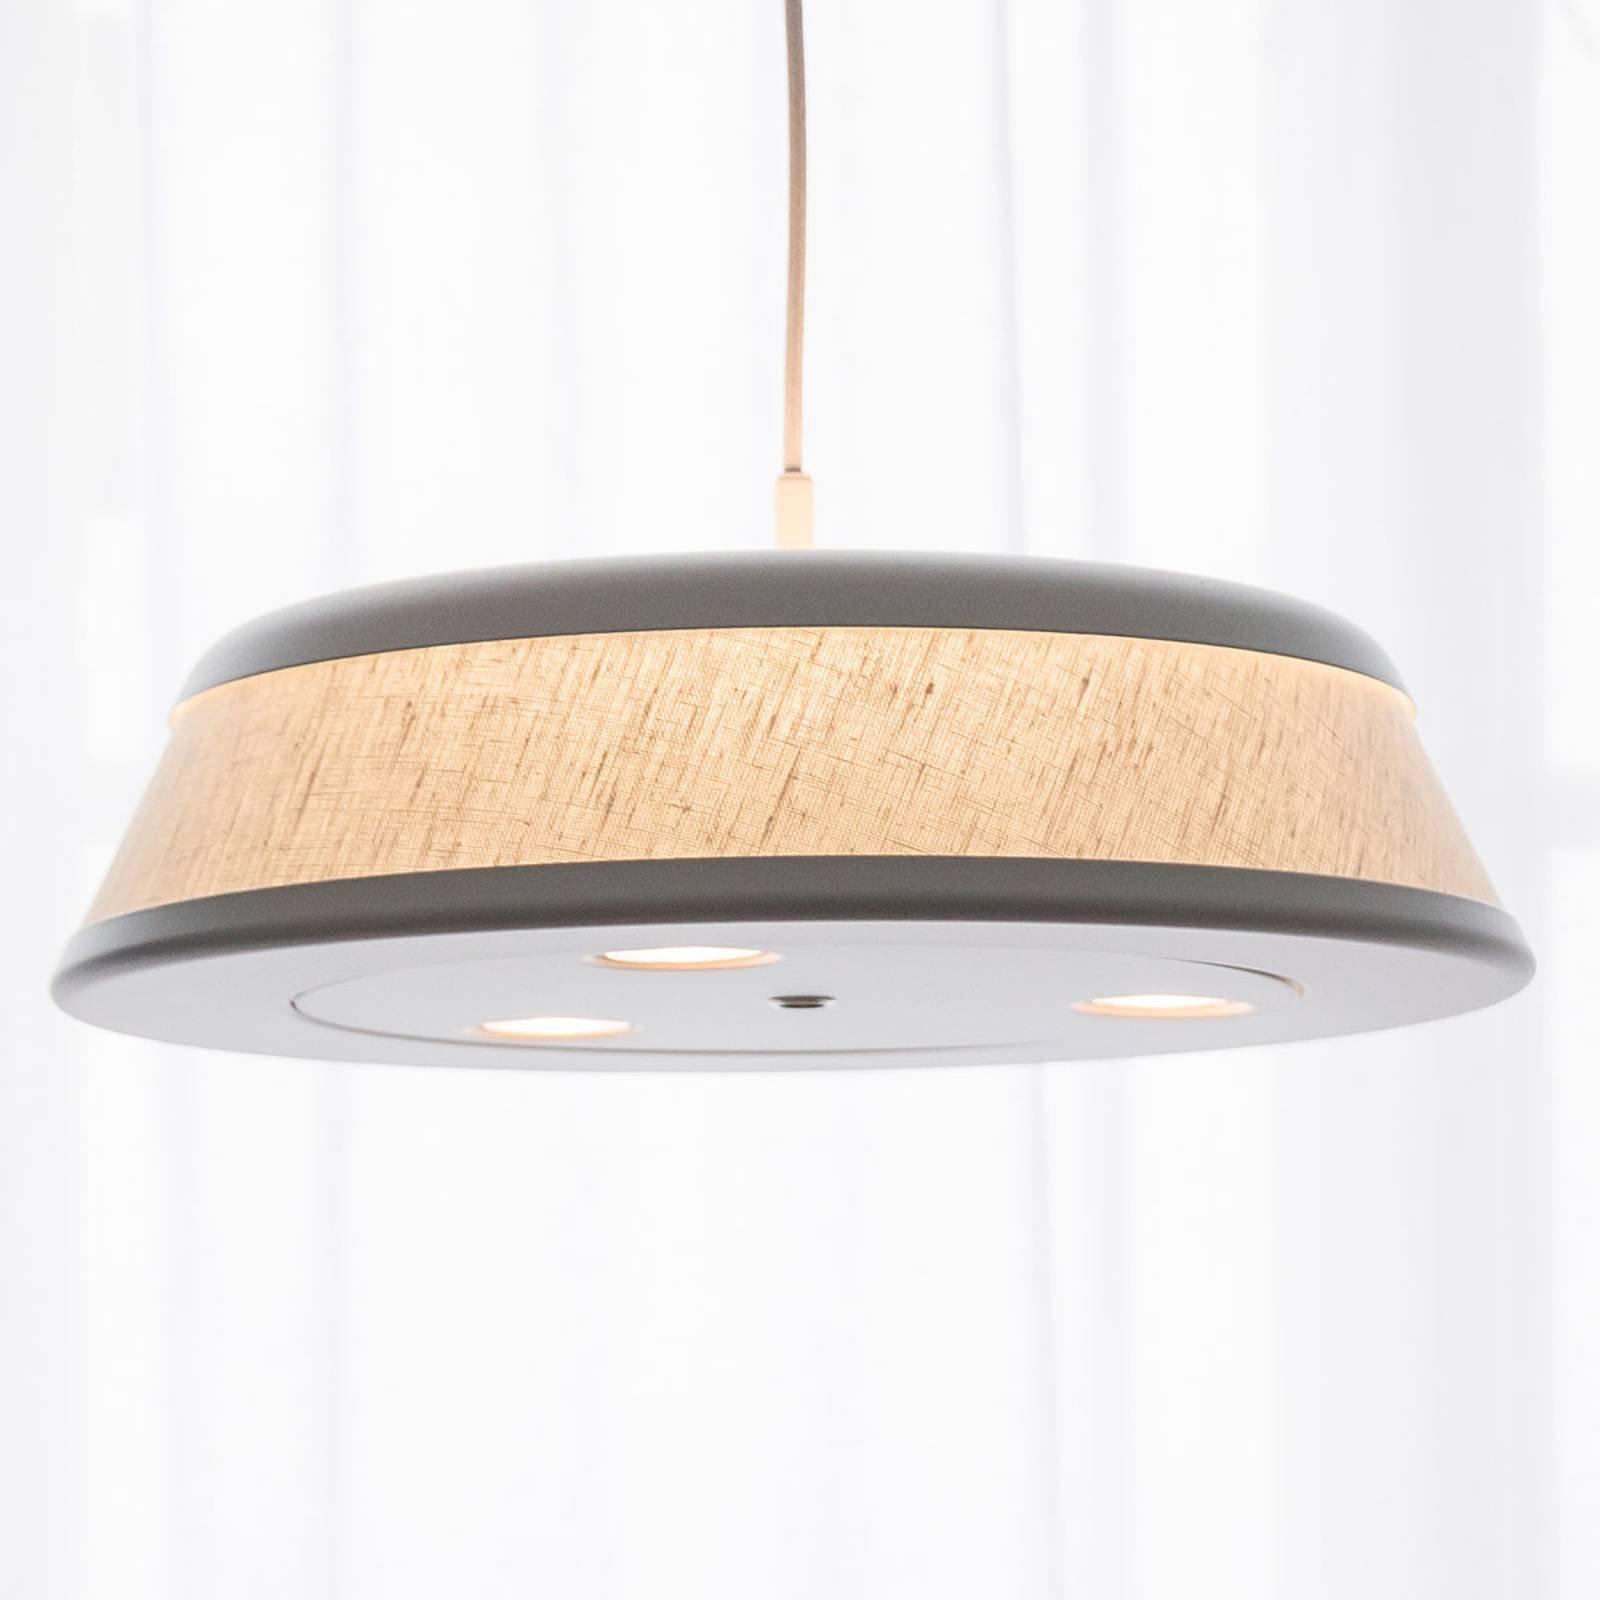 LED-hengelampe Vigo - Casambi, sølv/hvit